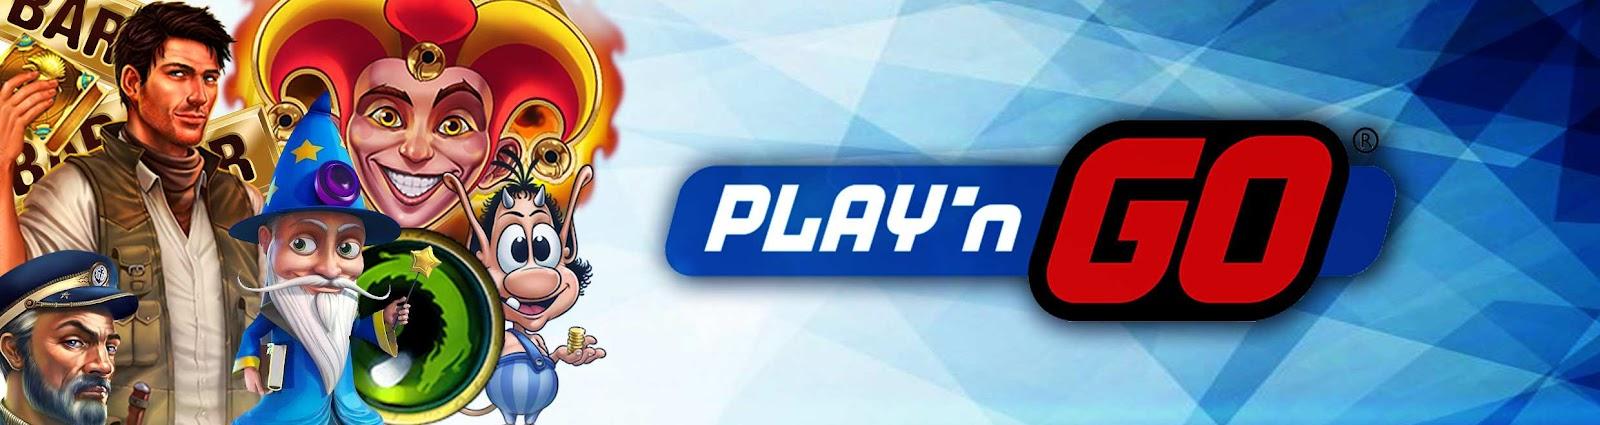 Play'n GO - лицензионный международный провайдер.